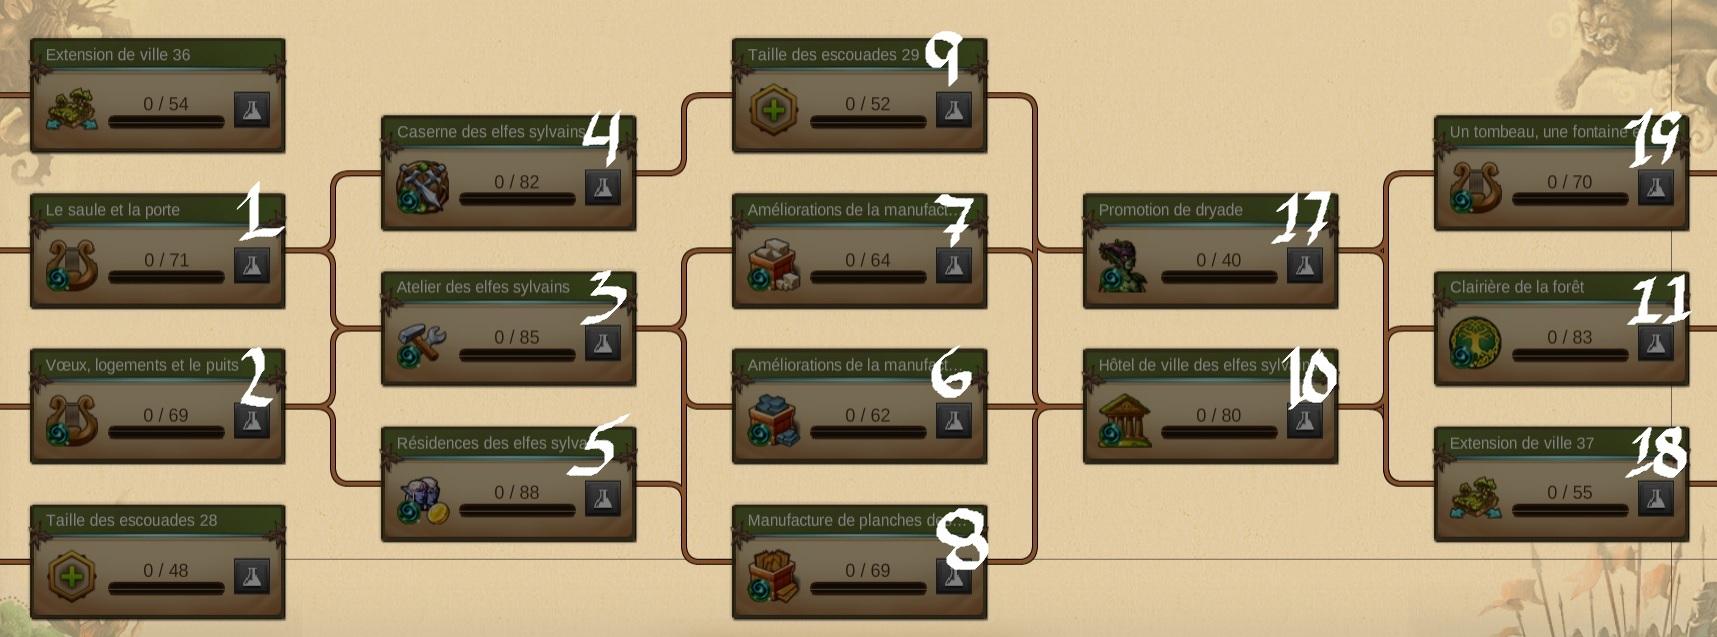 Plan de match pour l'ère des Elfes sylvains.jpg